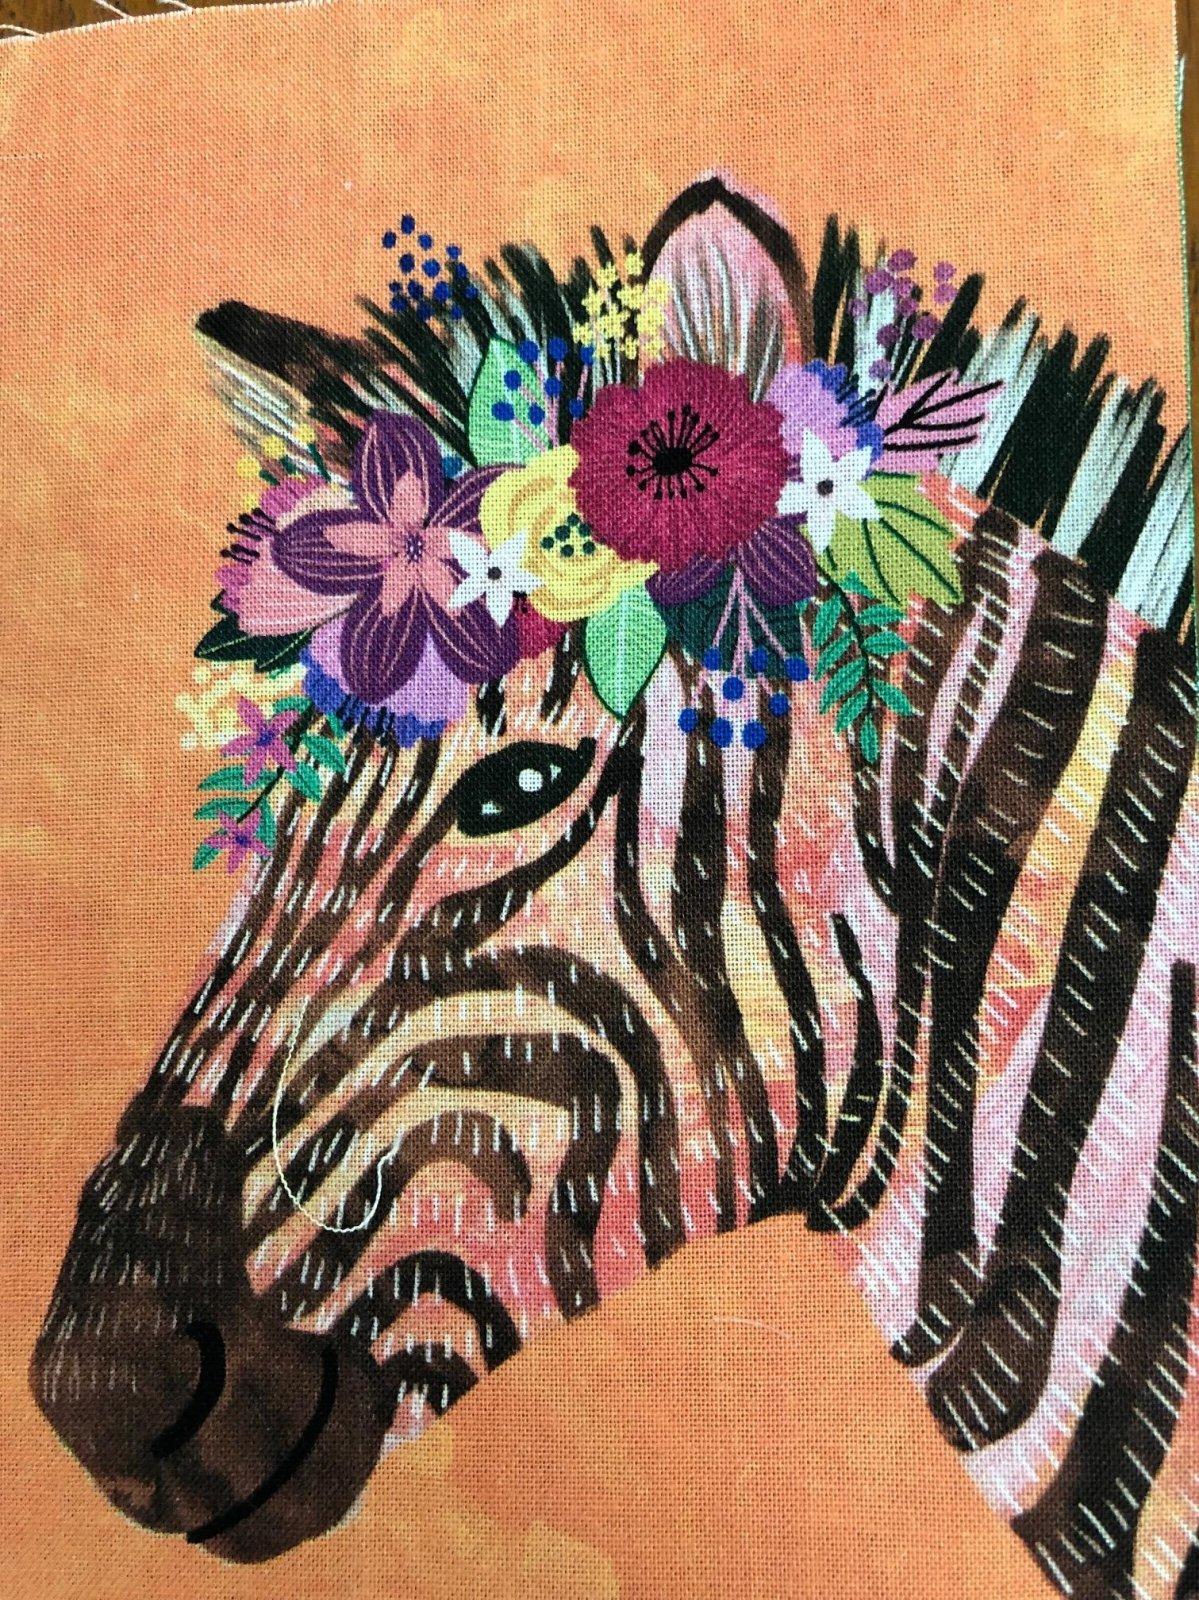 Postcard Kit Sm - Junglemania 6x4.25in